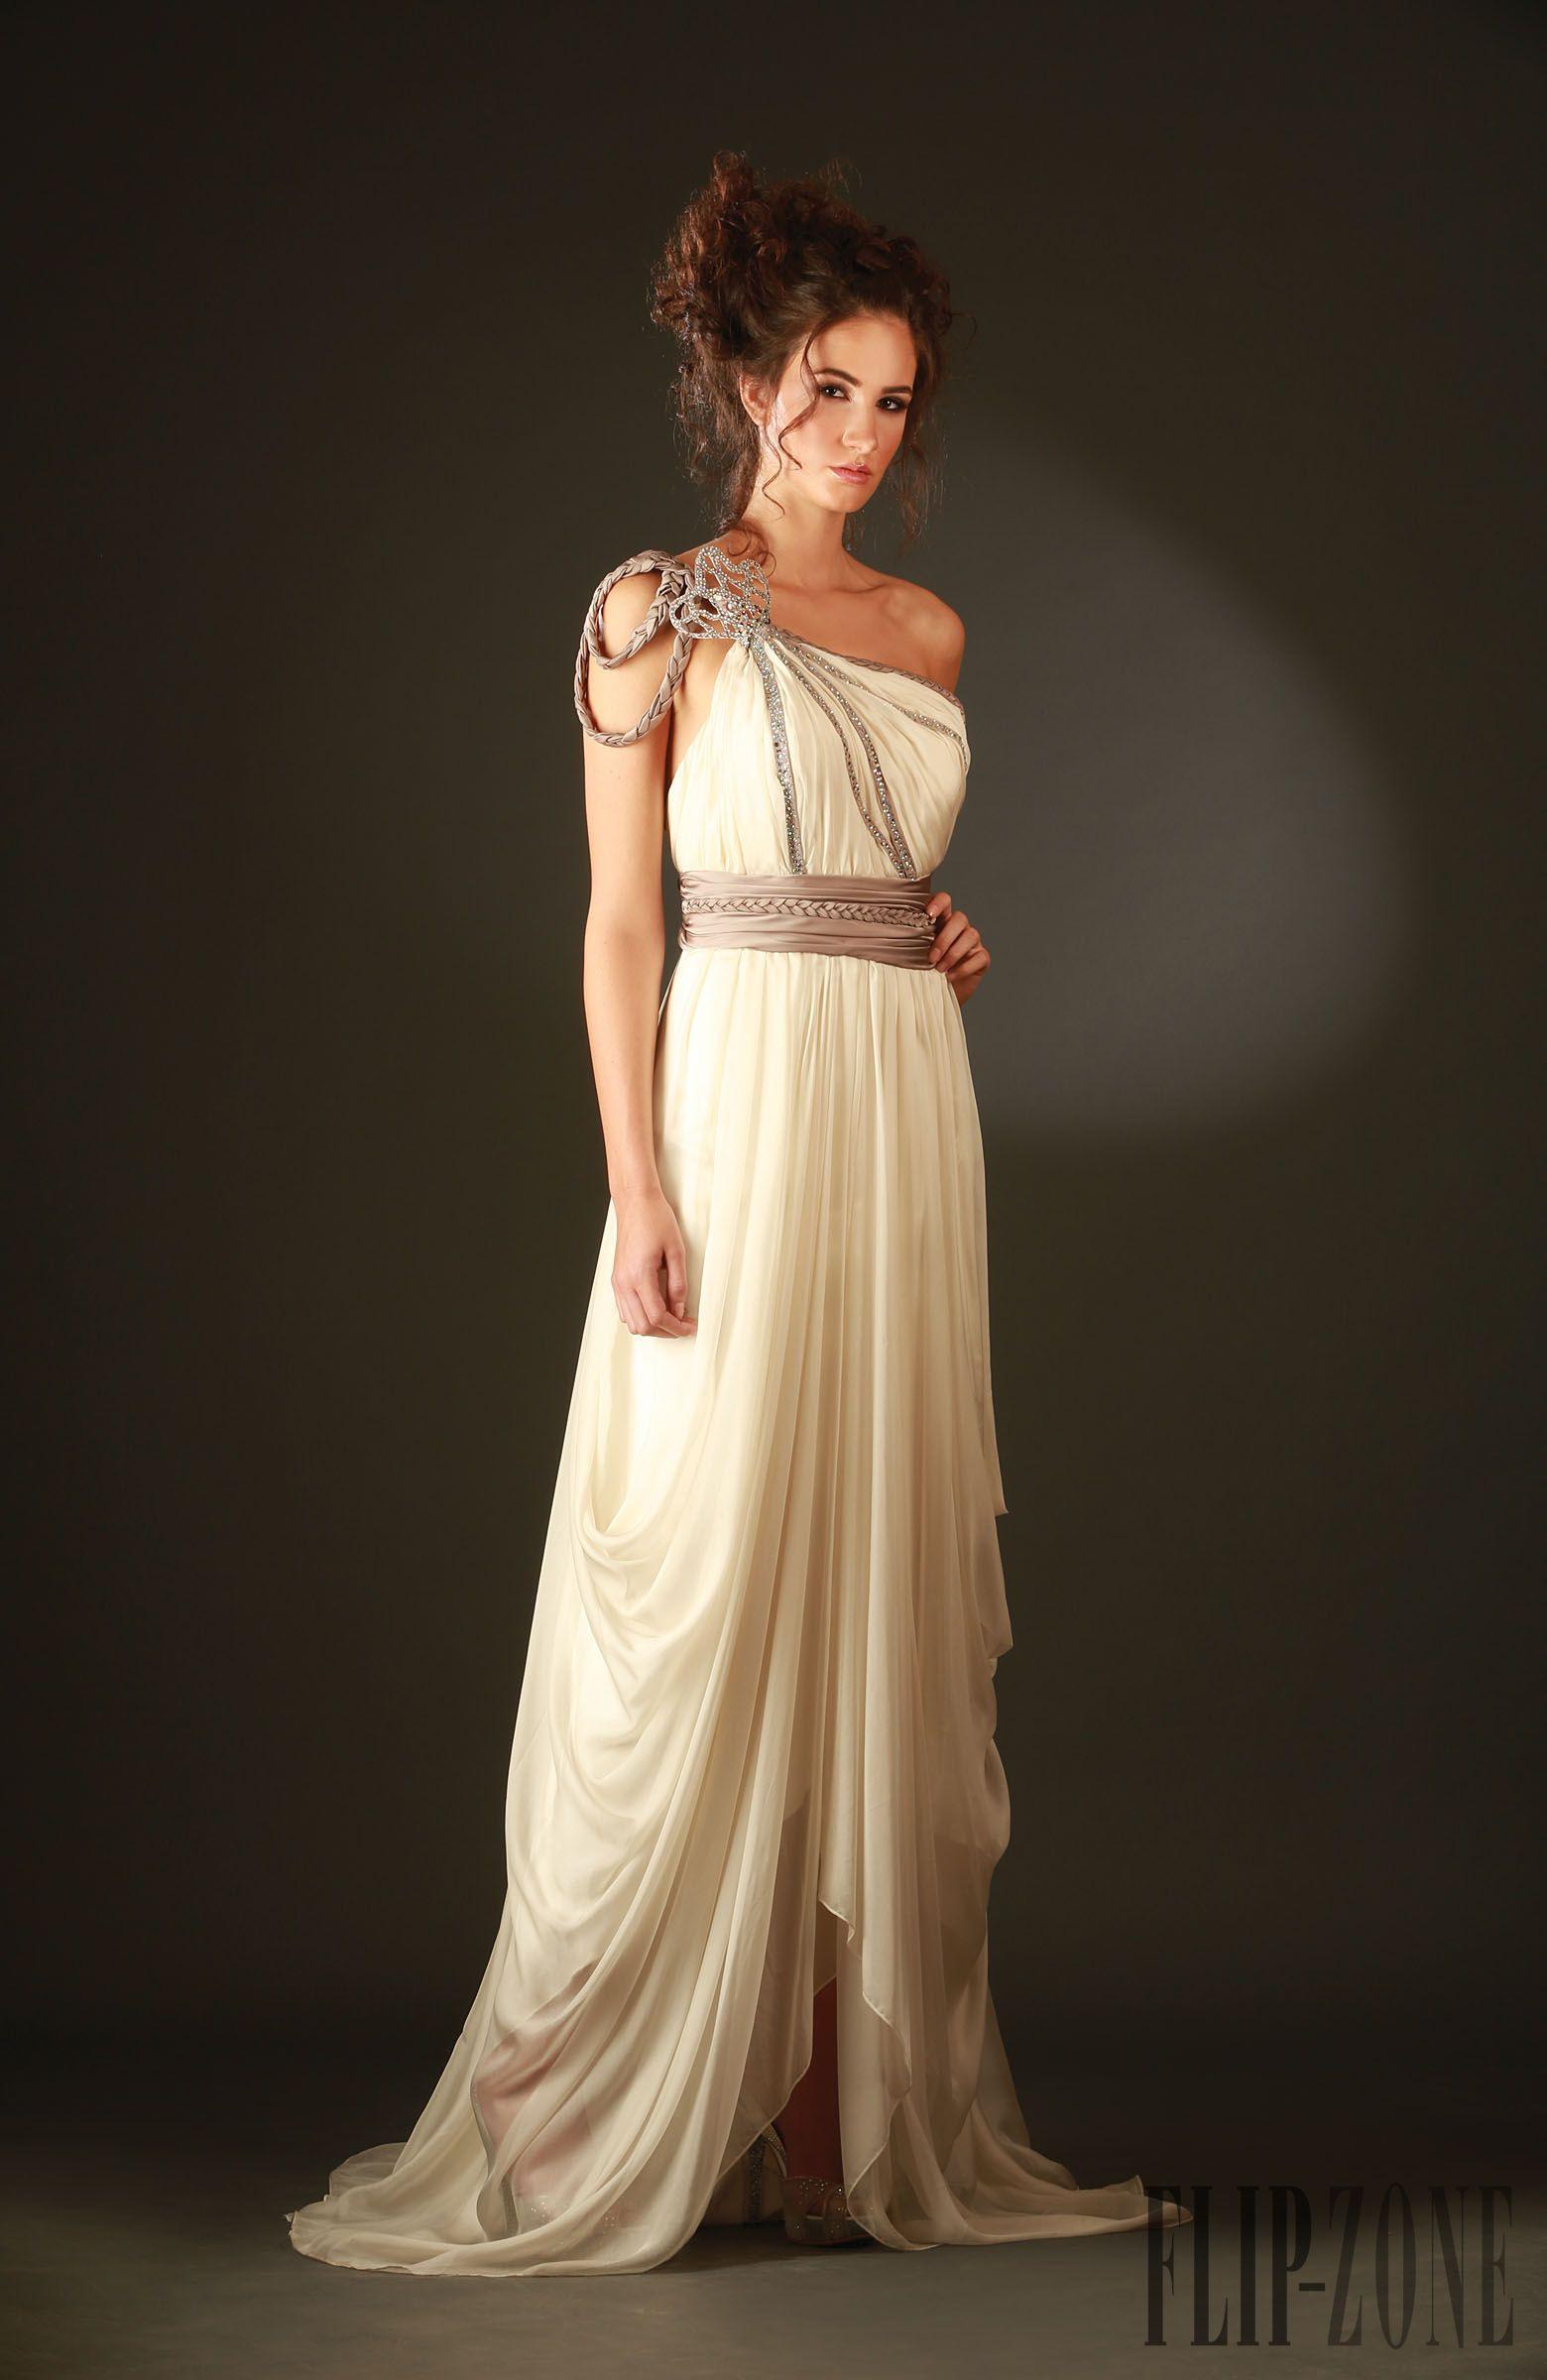 13 Fantastisch Römische Abend Kleider Bester Preis17 Kreativ Römische Abend Kleider Design